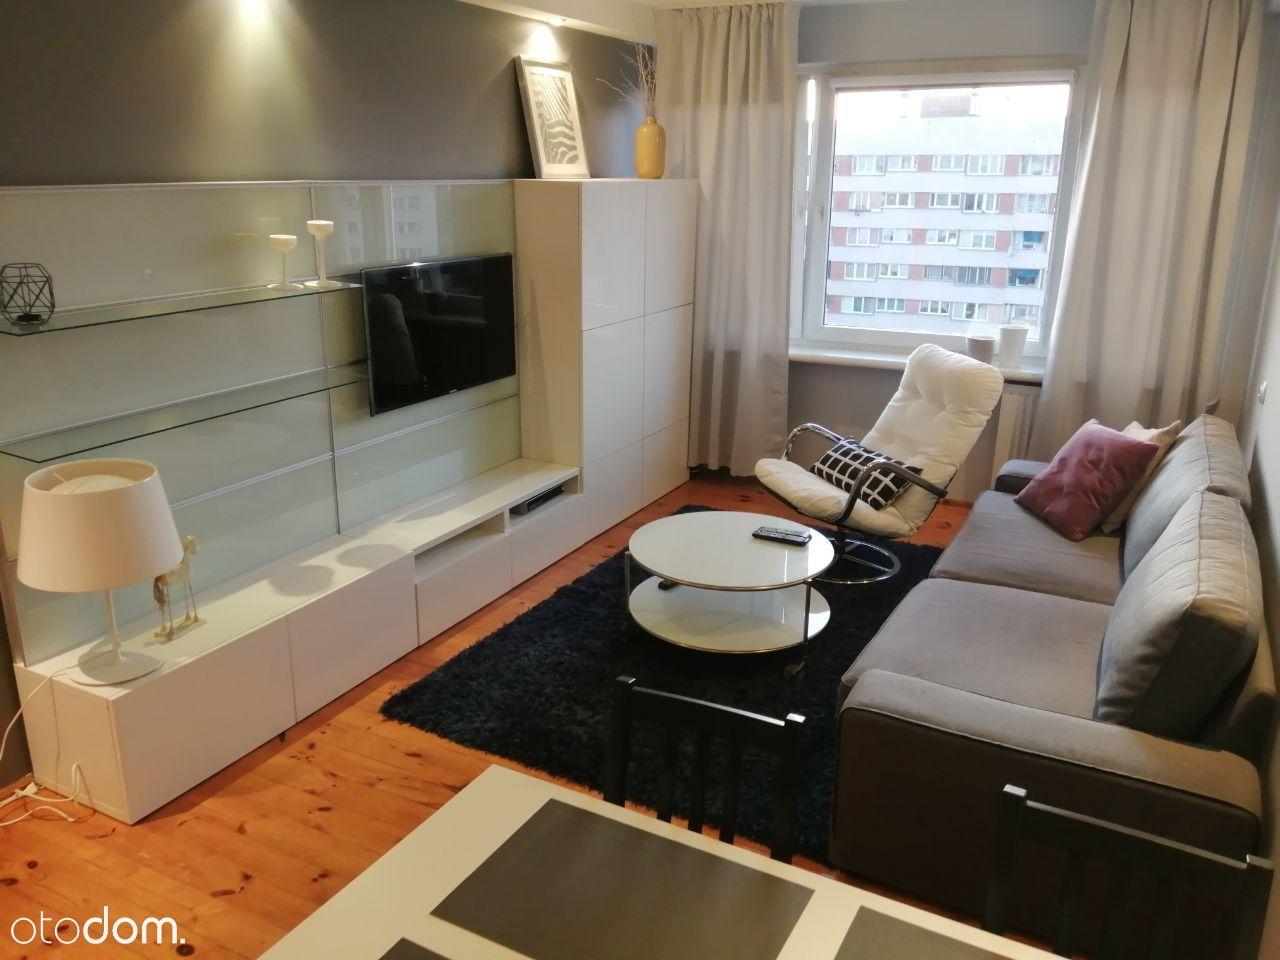 Mieszkanie na wynajem Oś Kaliny 3 pokoje 60m2